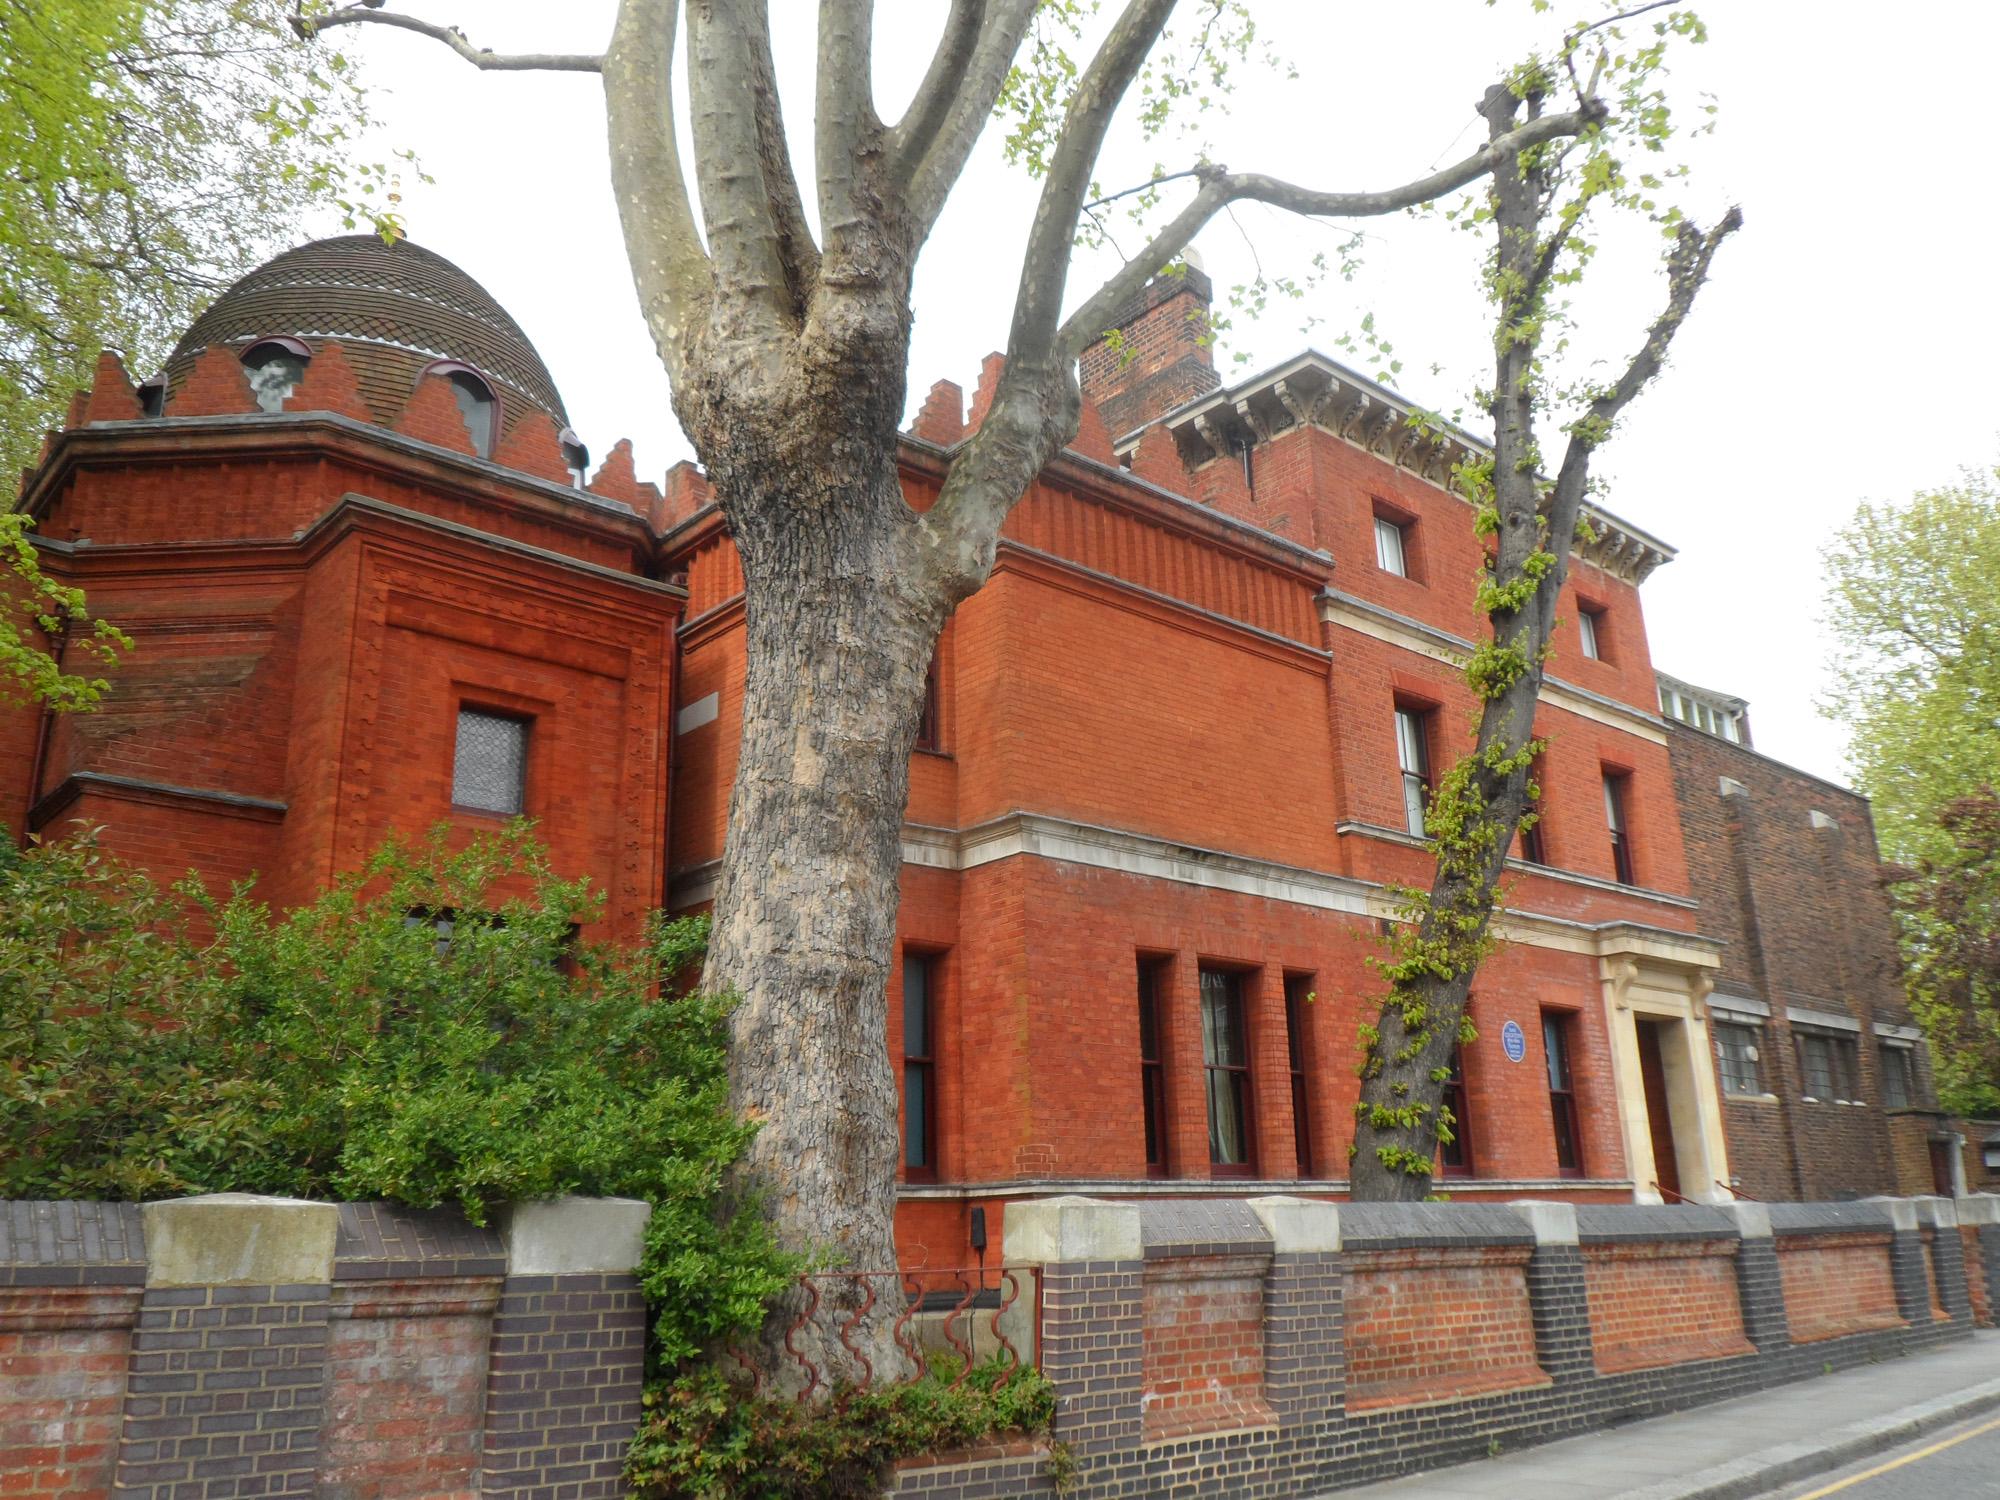 Lord LEIGHTON - Leighton House 12 Holland Park Road Holland Park London W14 8LZ - 1.jpg